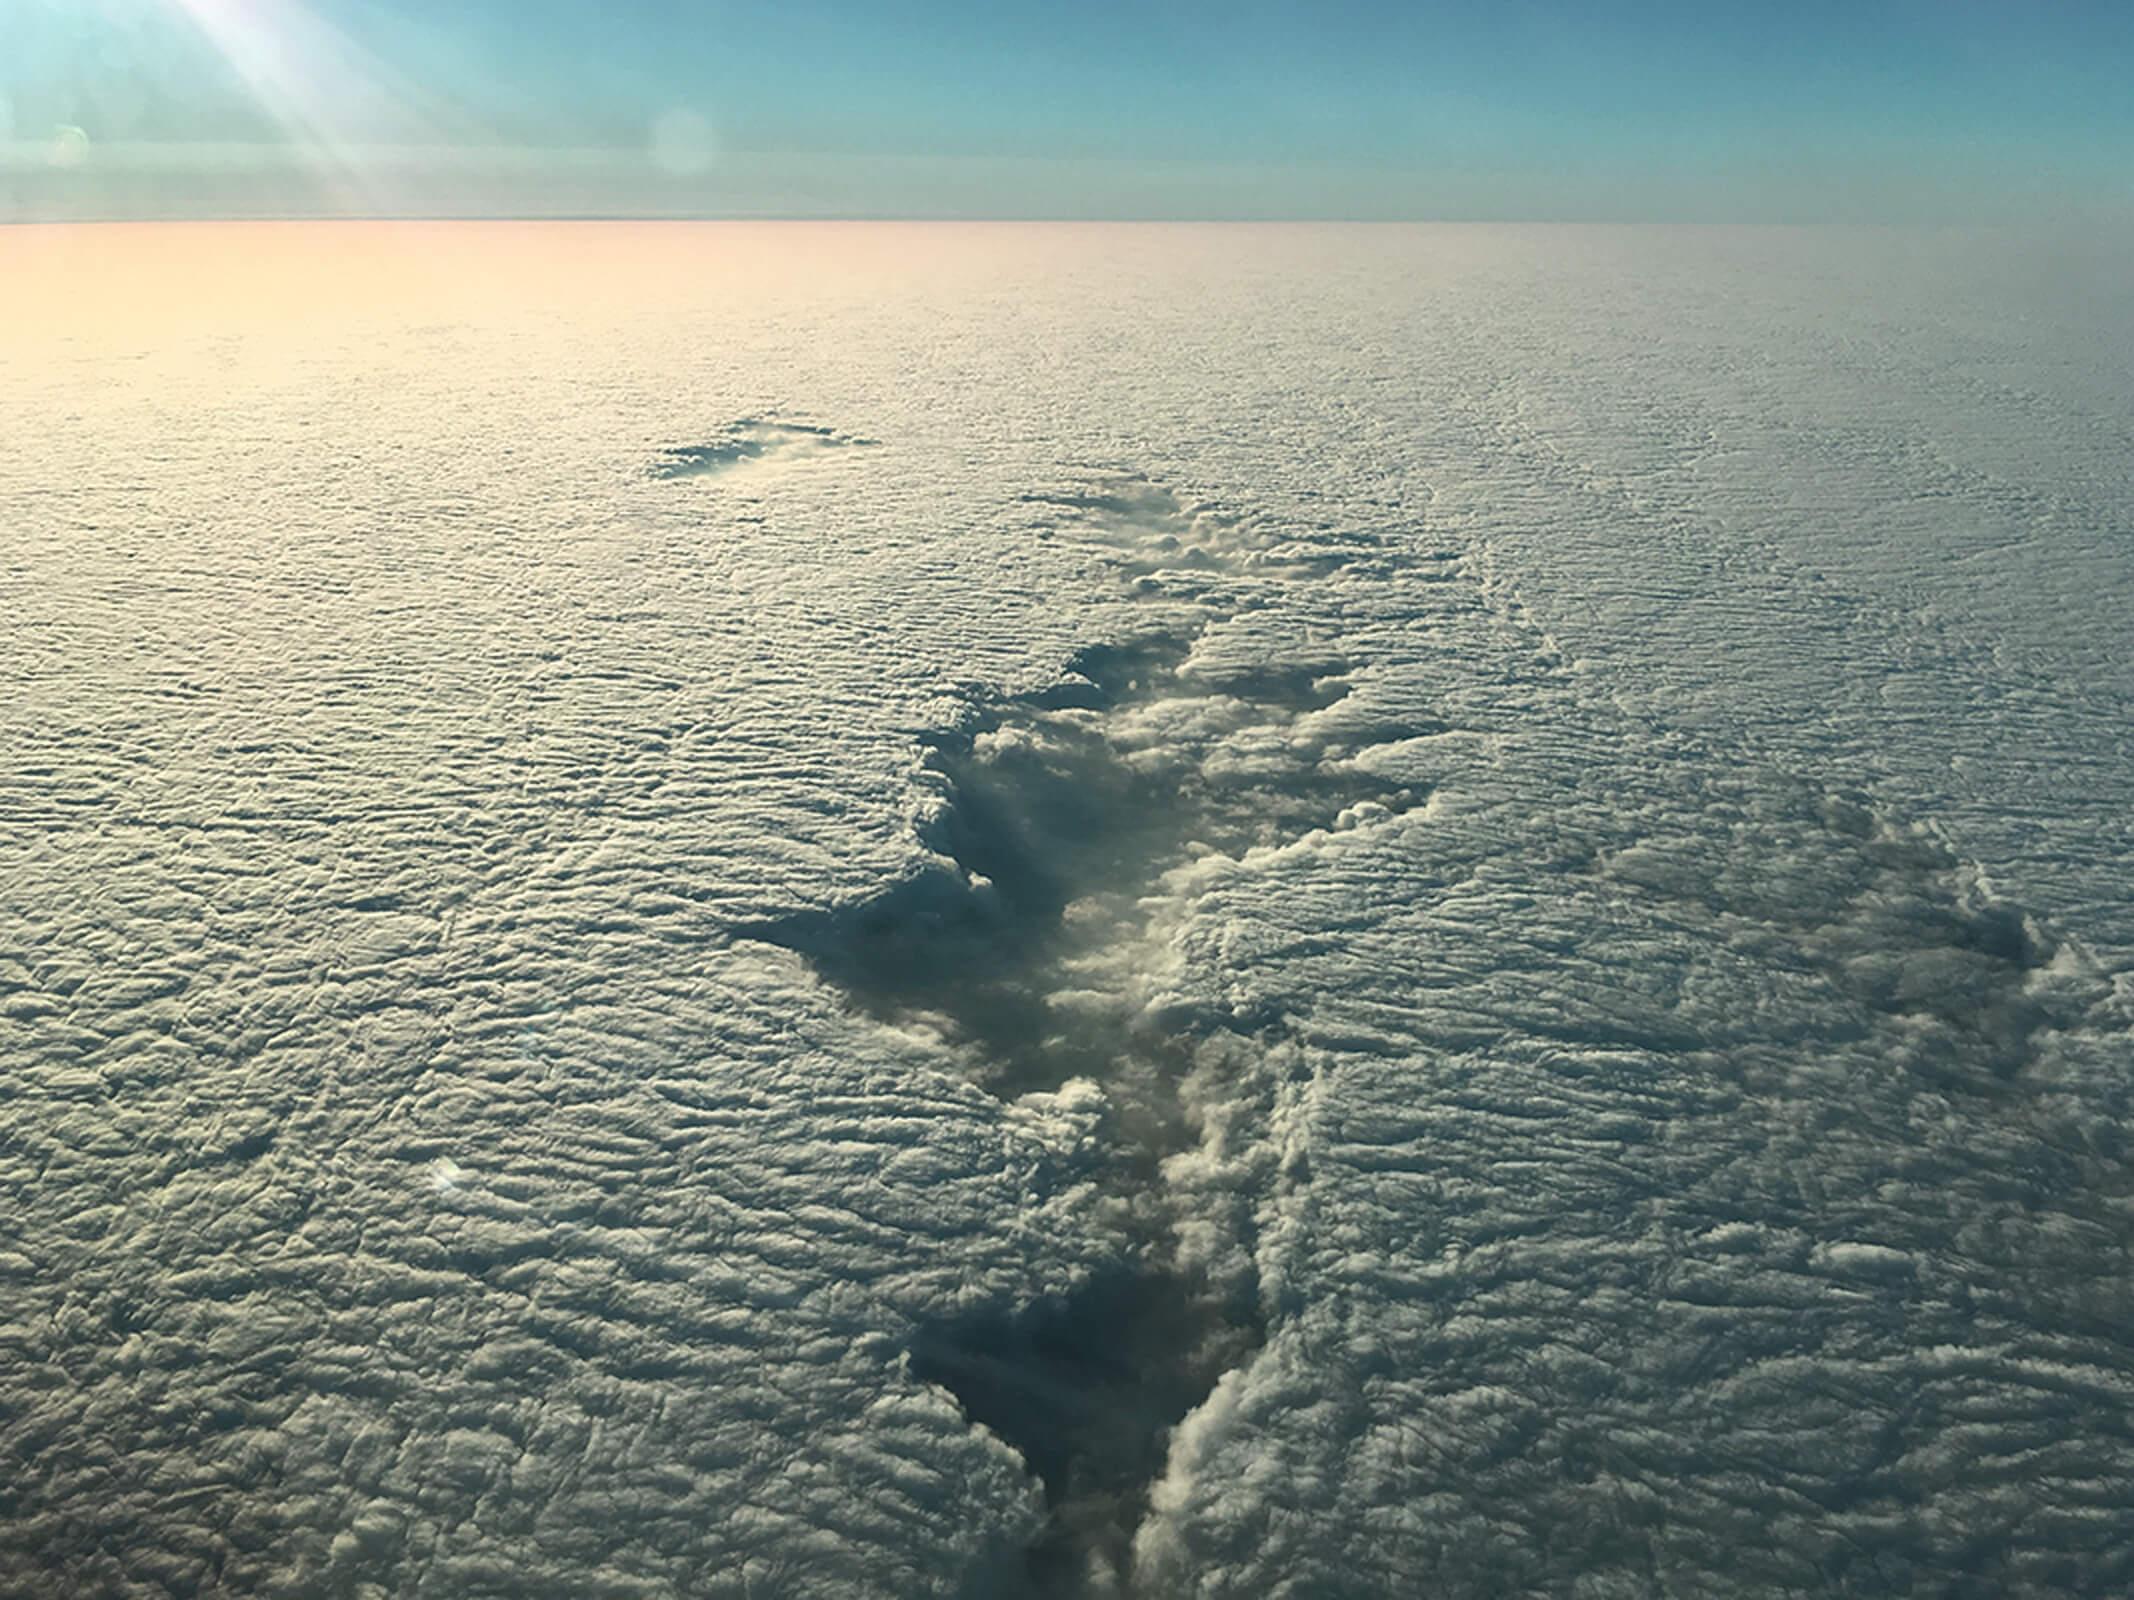 Стандартные пейзажи, которые видит пилот каждый день